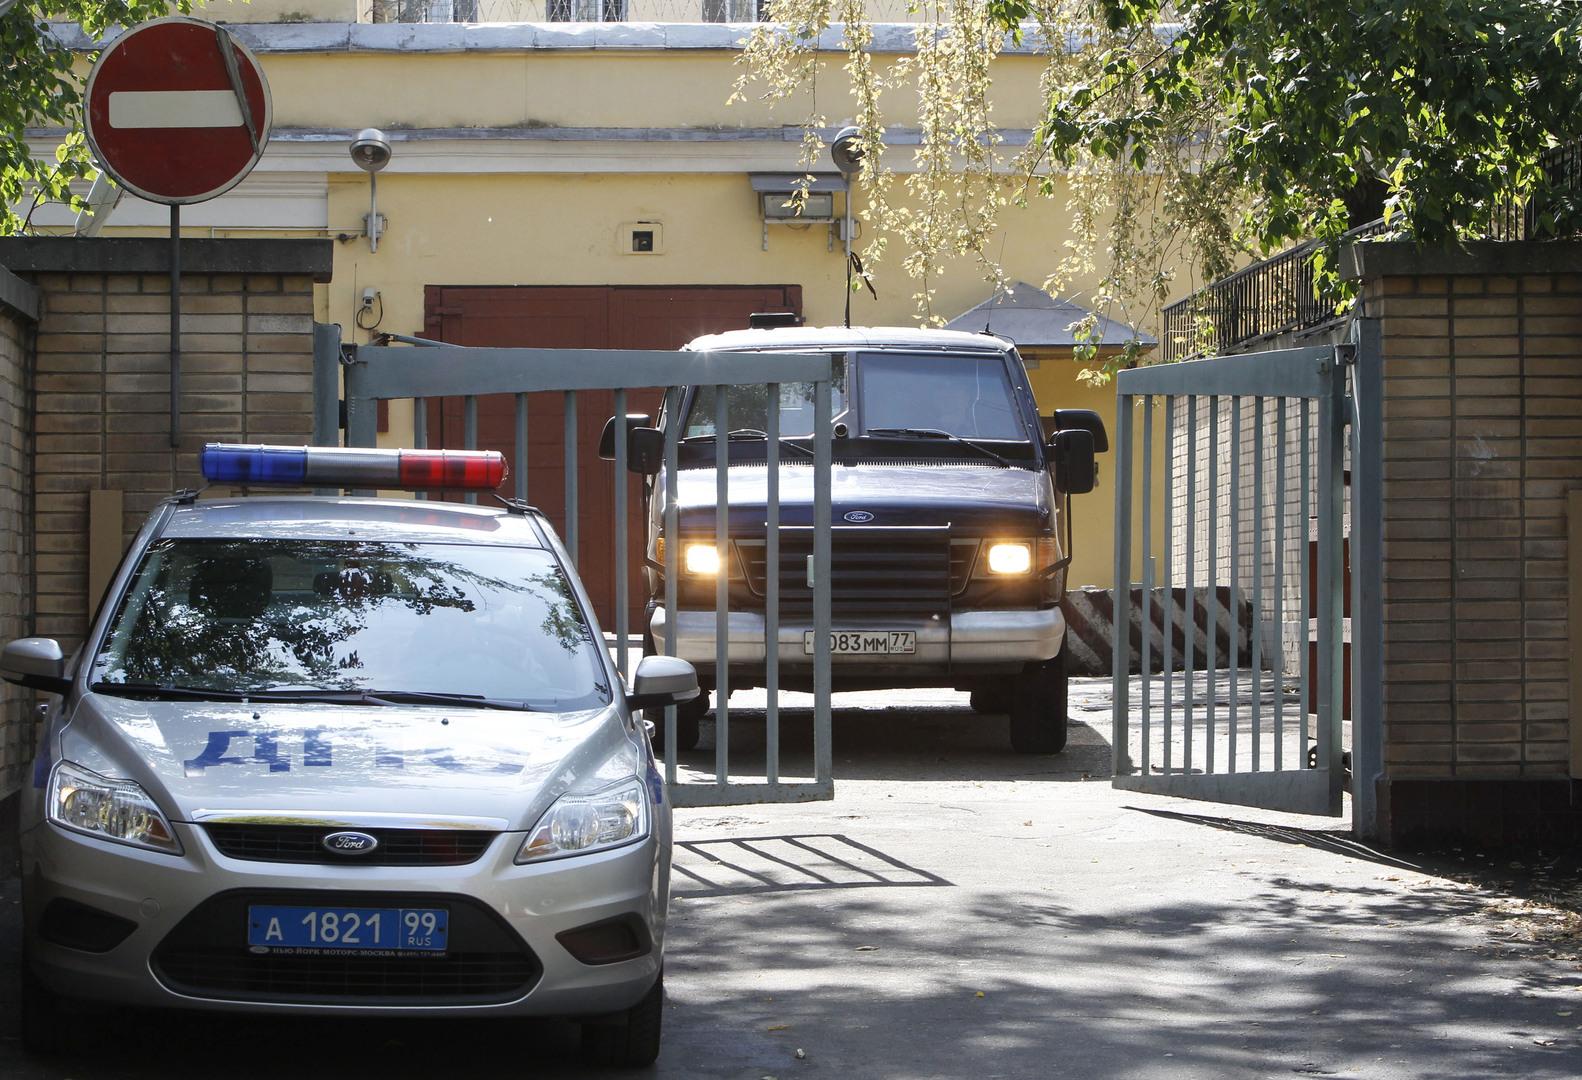 روسيا.. إيقاف 3 ضباط من جهاز الأمن الفدرالي بتهمة الاحتيال